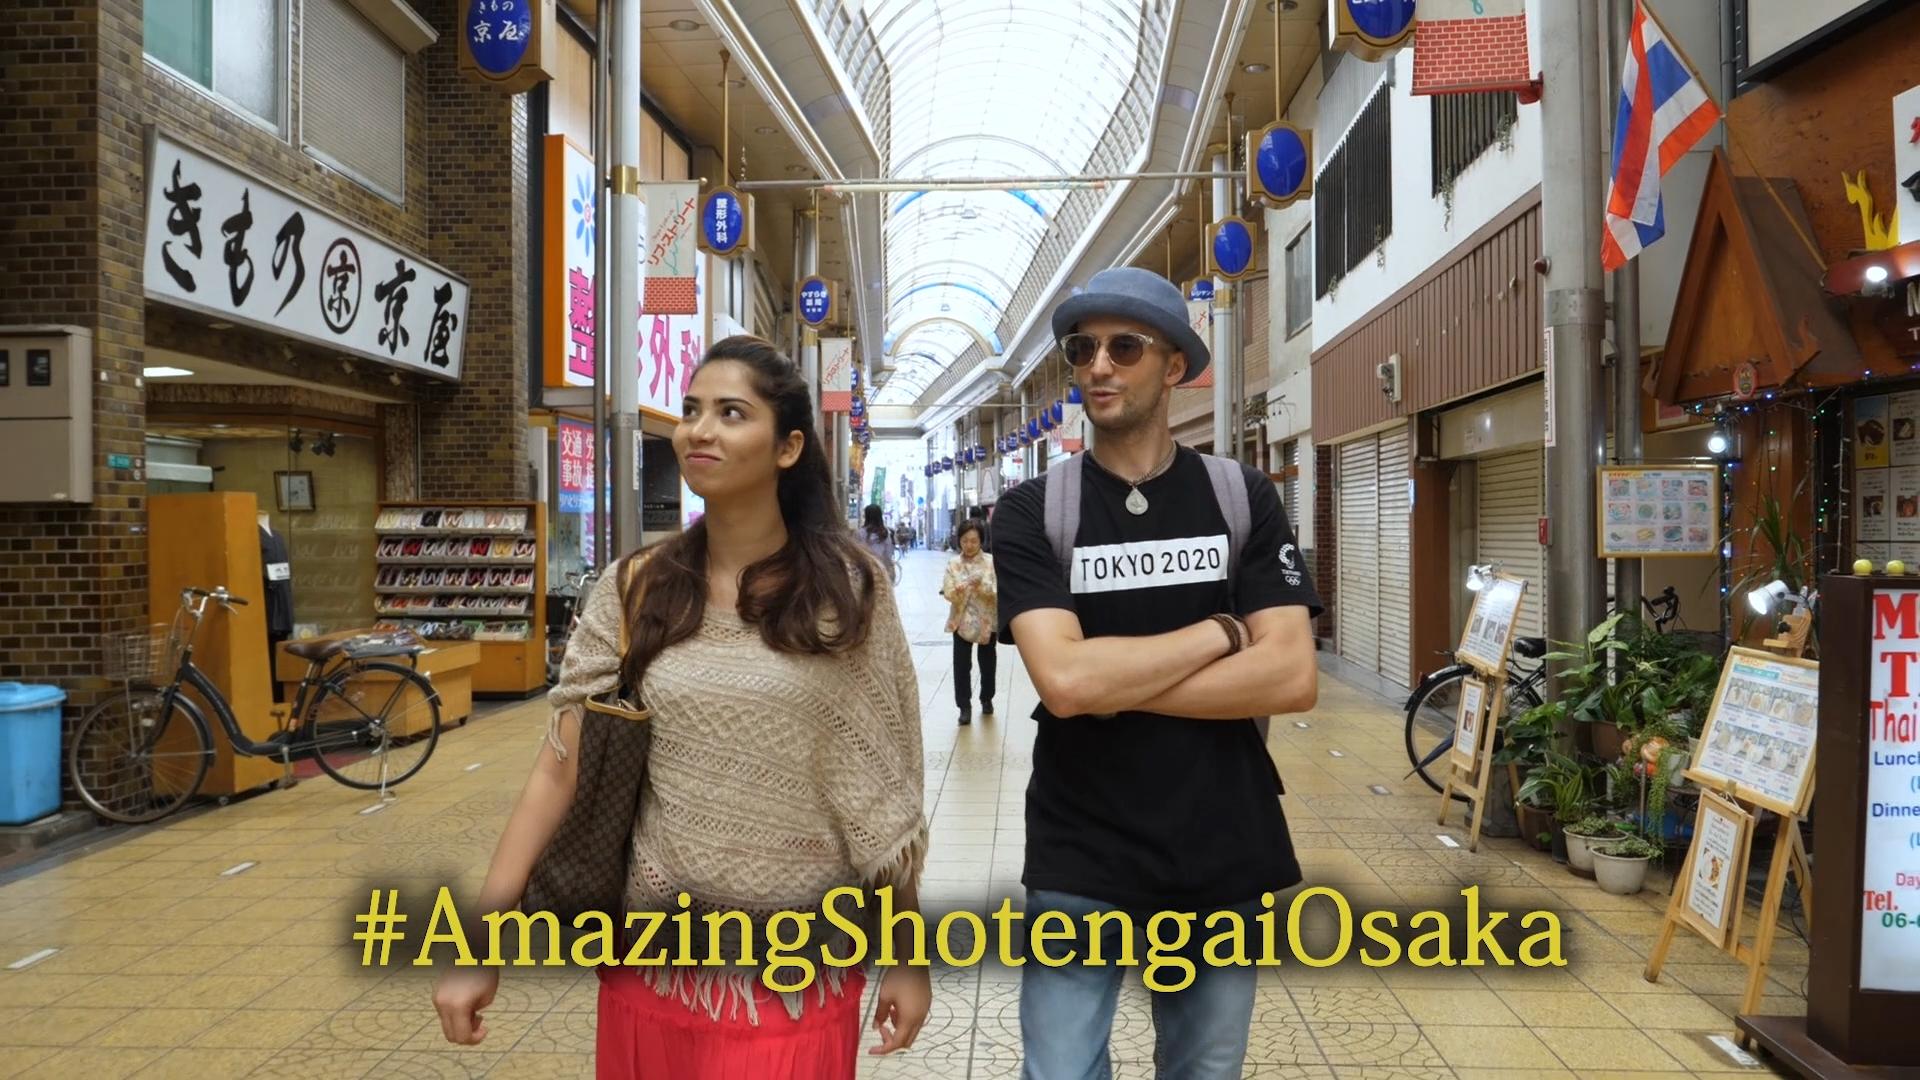 Amazing Shotengai Osaka